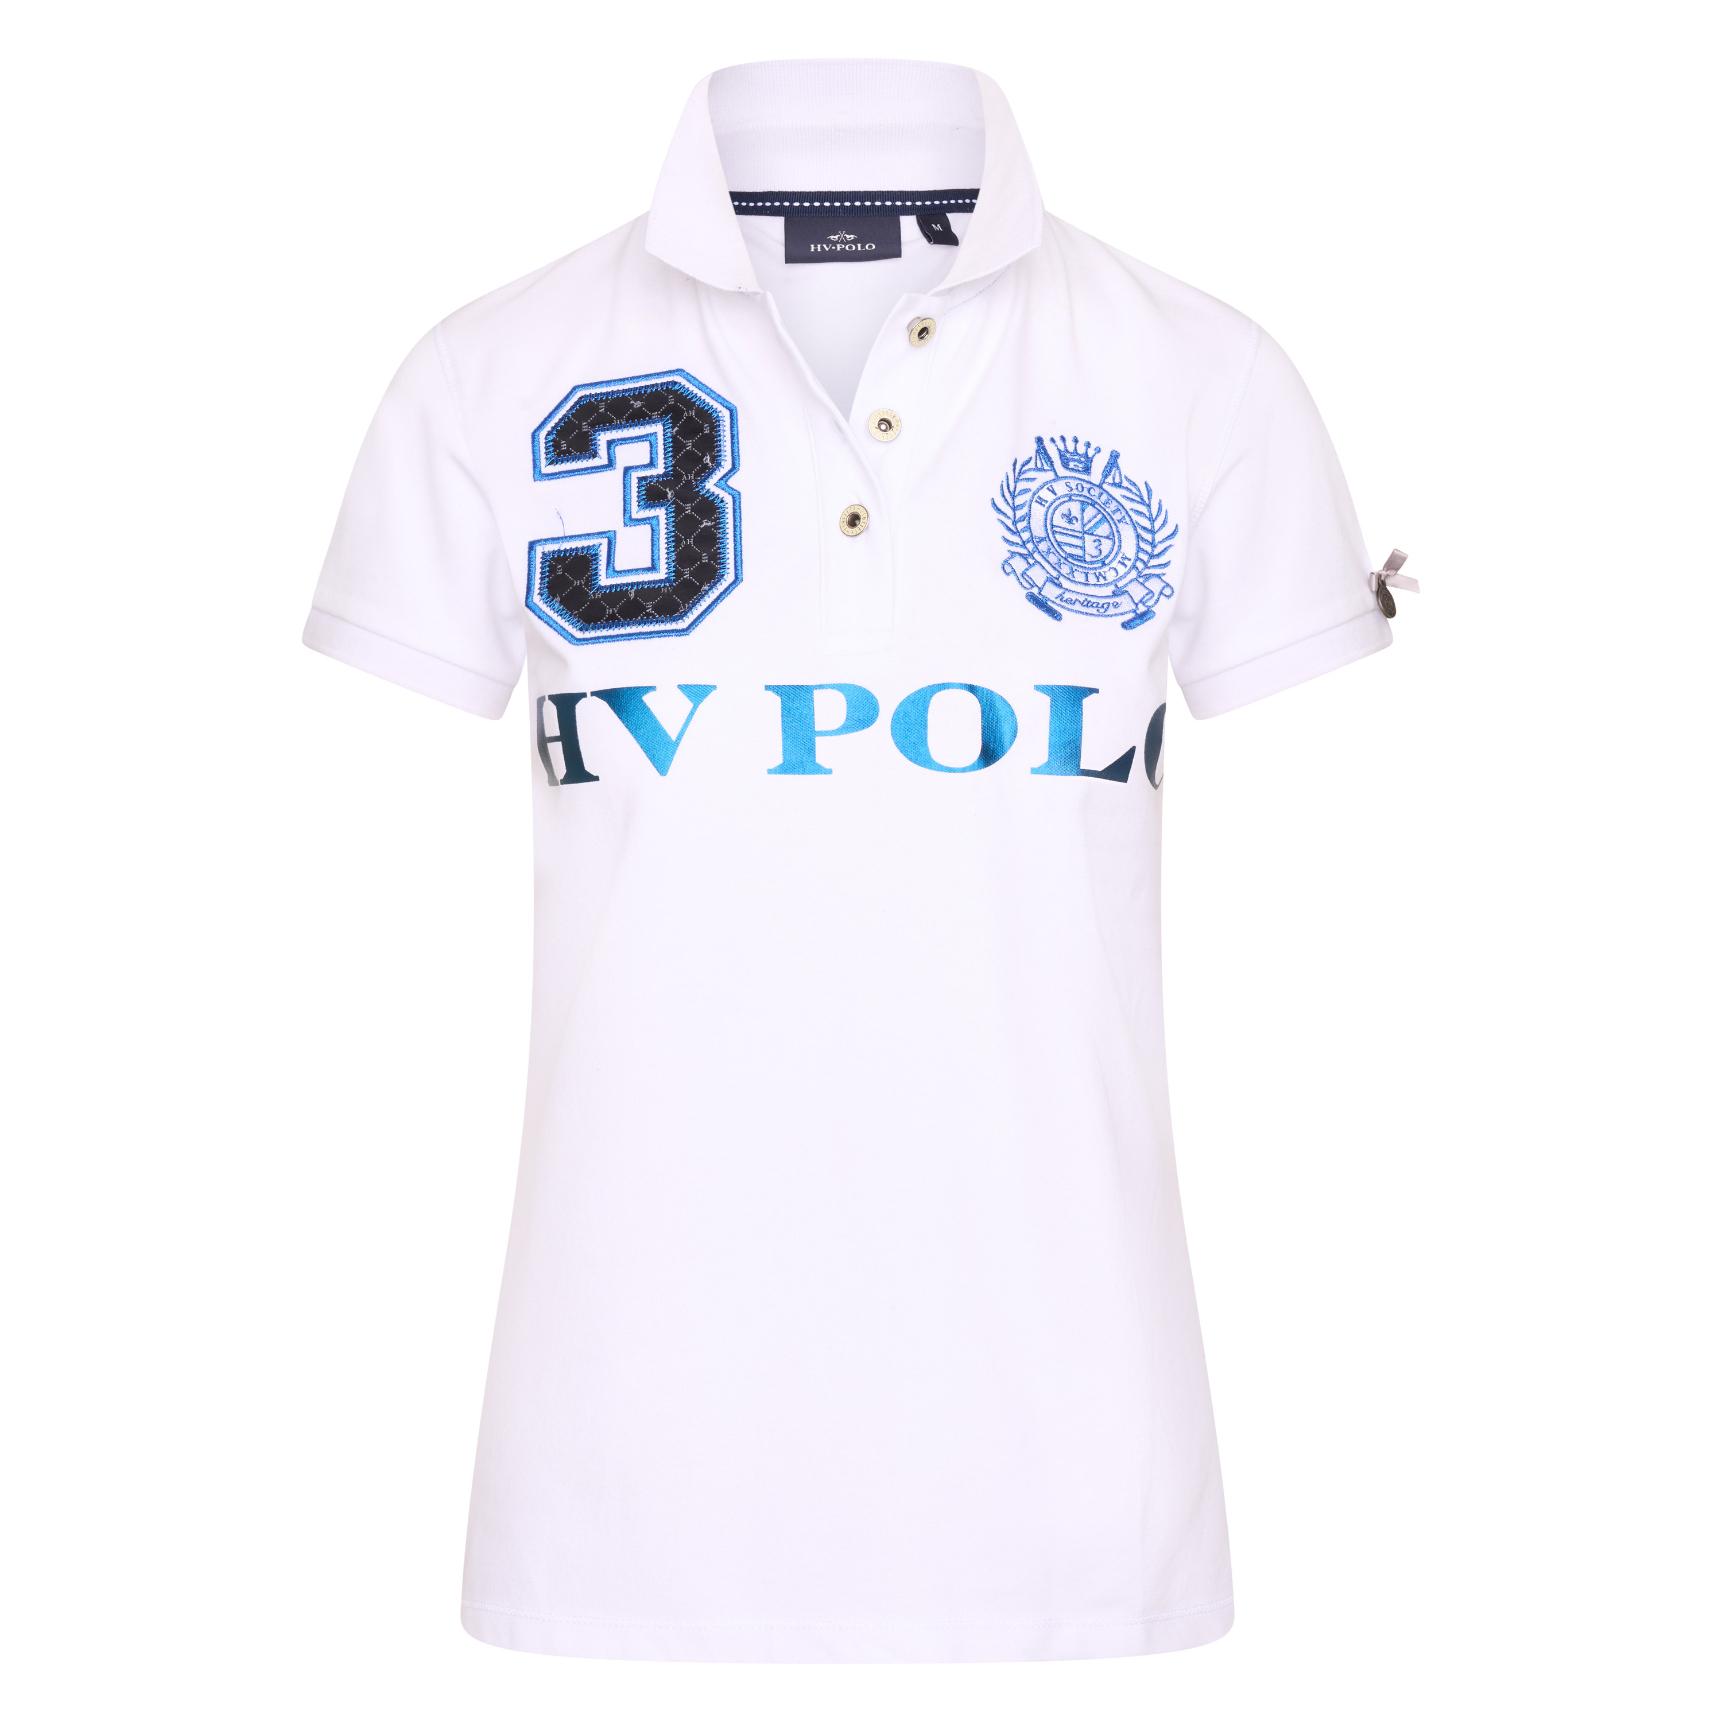 HV Polo Poloshirt Favouritas Luxury